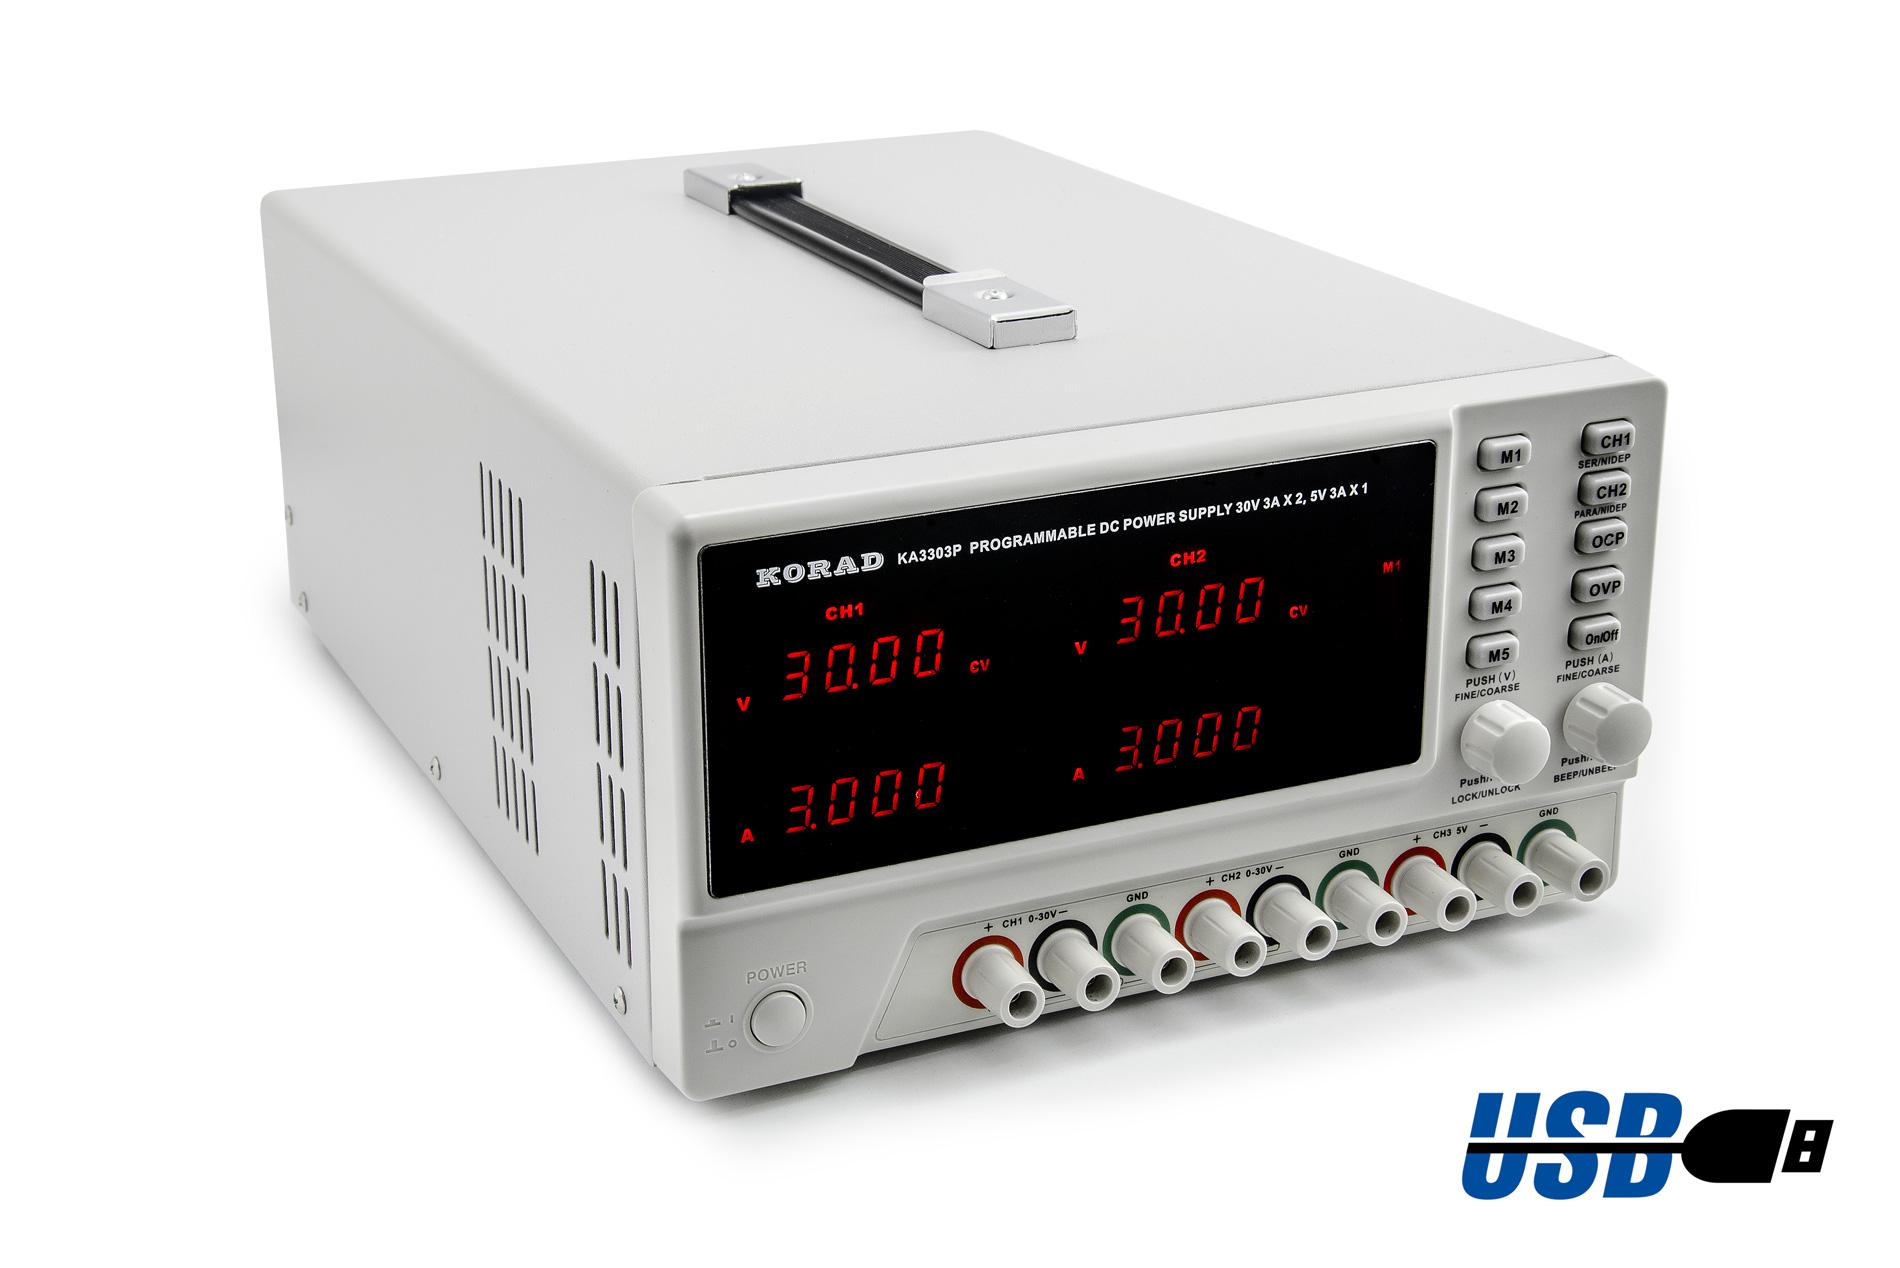 Programovatelný zdroj Korad KA3303P 2x 30V 3A s USB RS232 tříkanálový